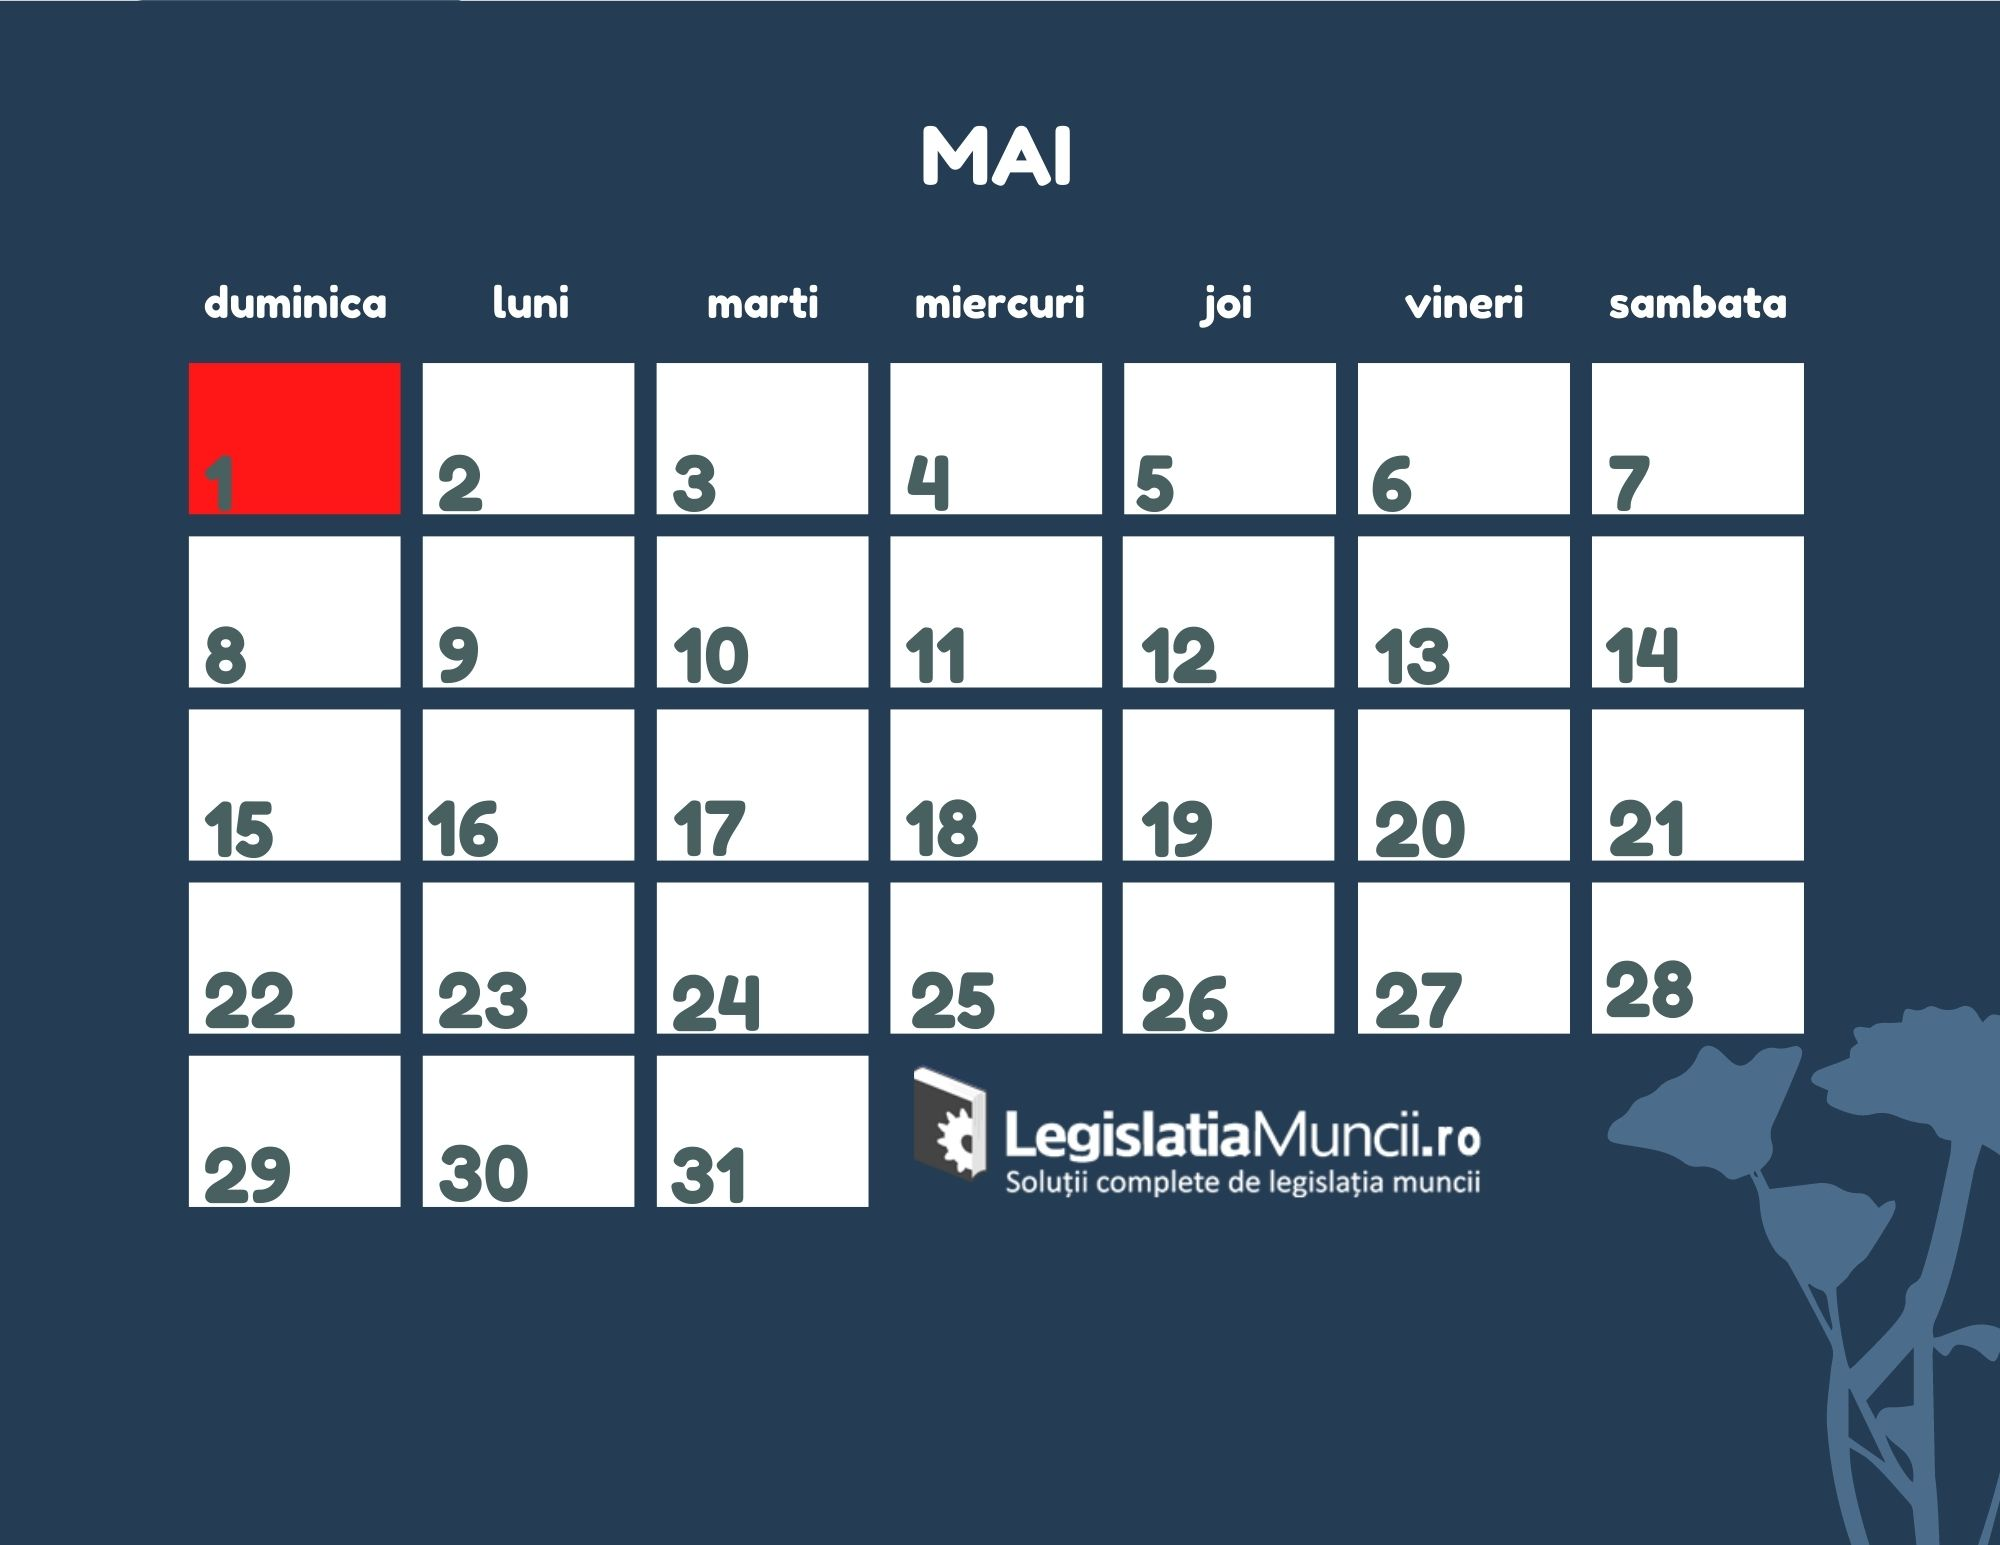 Sarbatori legale Mai 2022